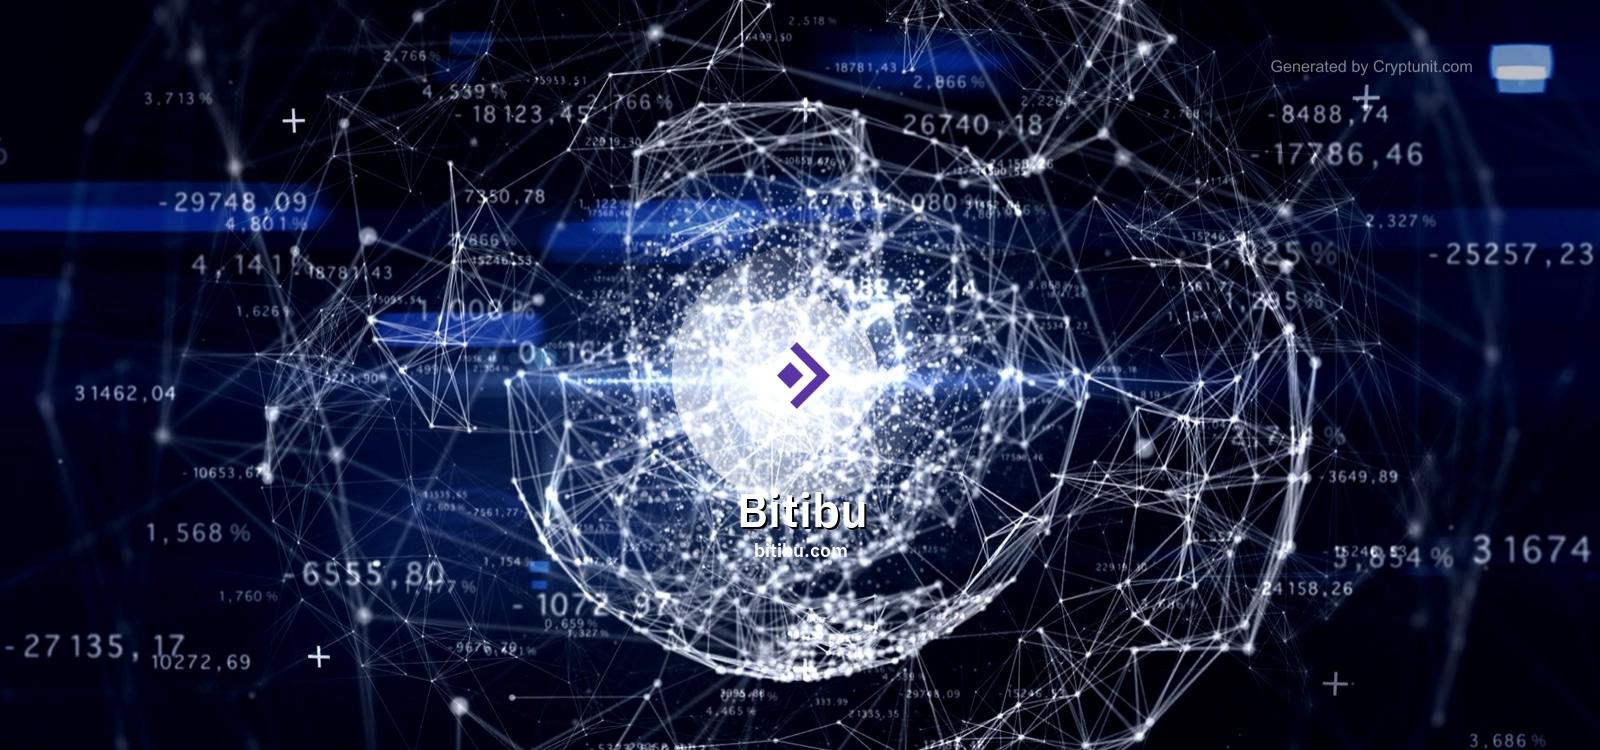 Bitibu Cryptocurrency Exchange | CryptUnit